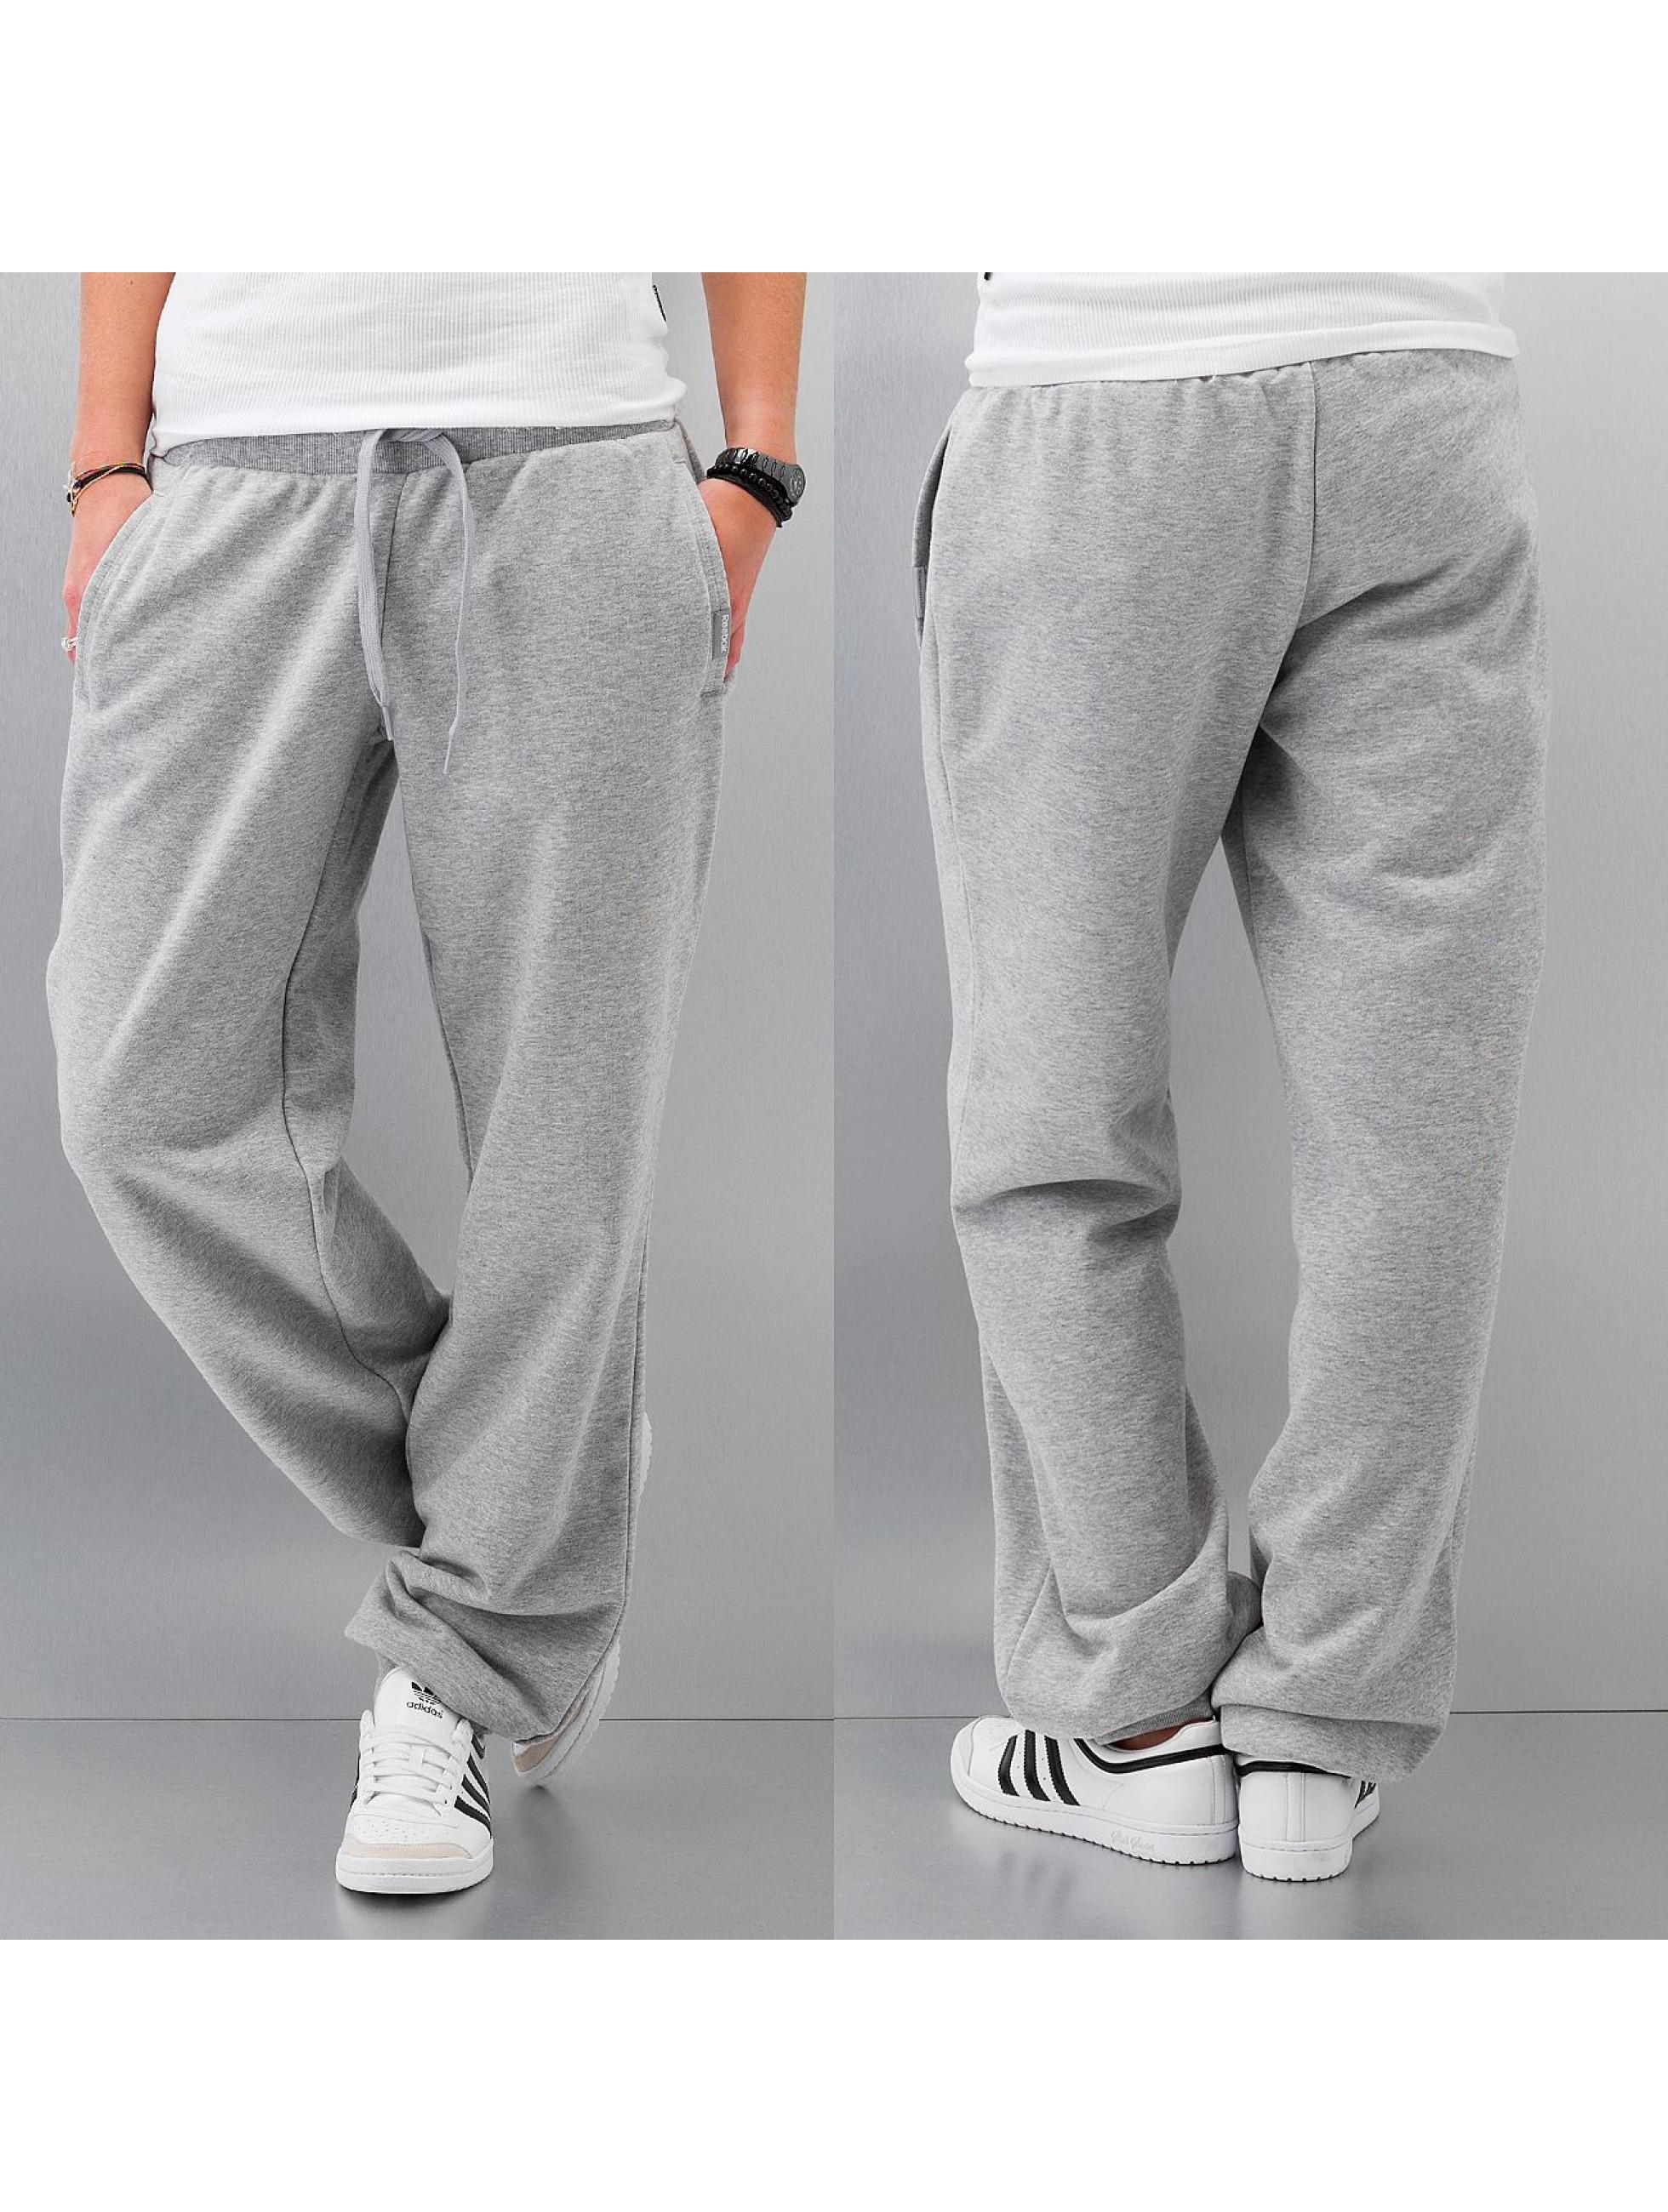 f3d6078b04c3 Prendas de vestir exteriores de todos los tiempos: Pantalones monos ...